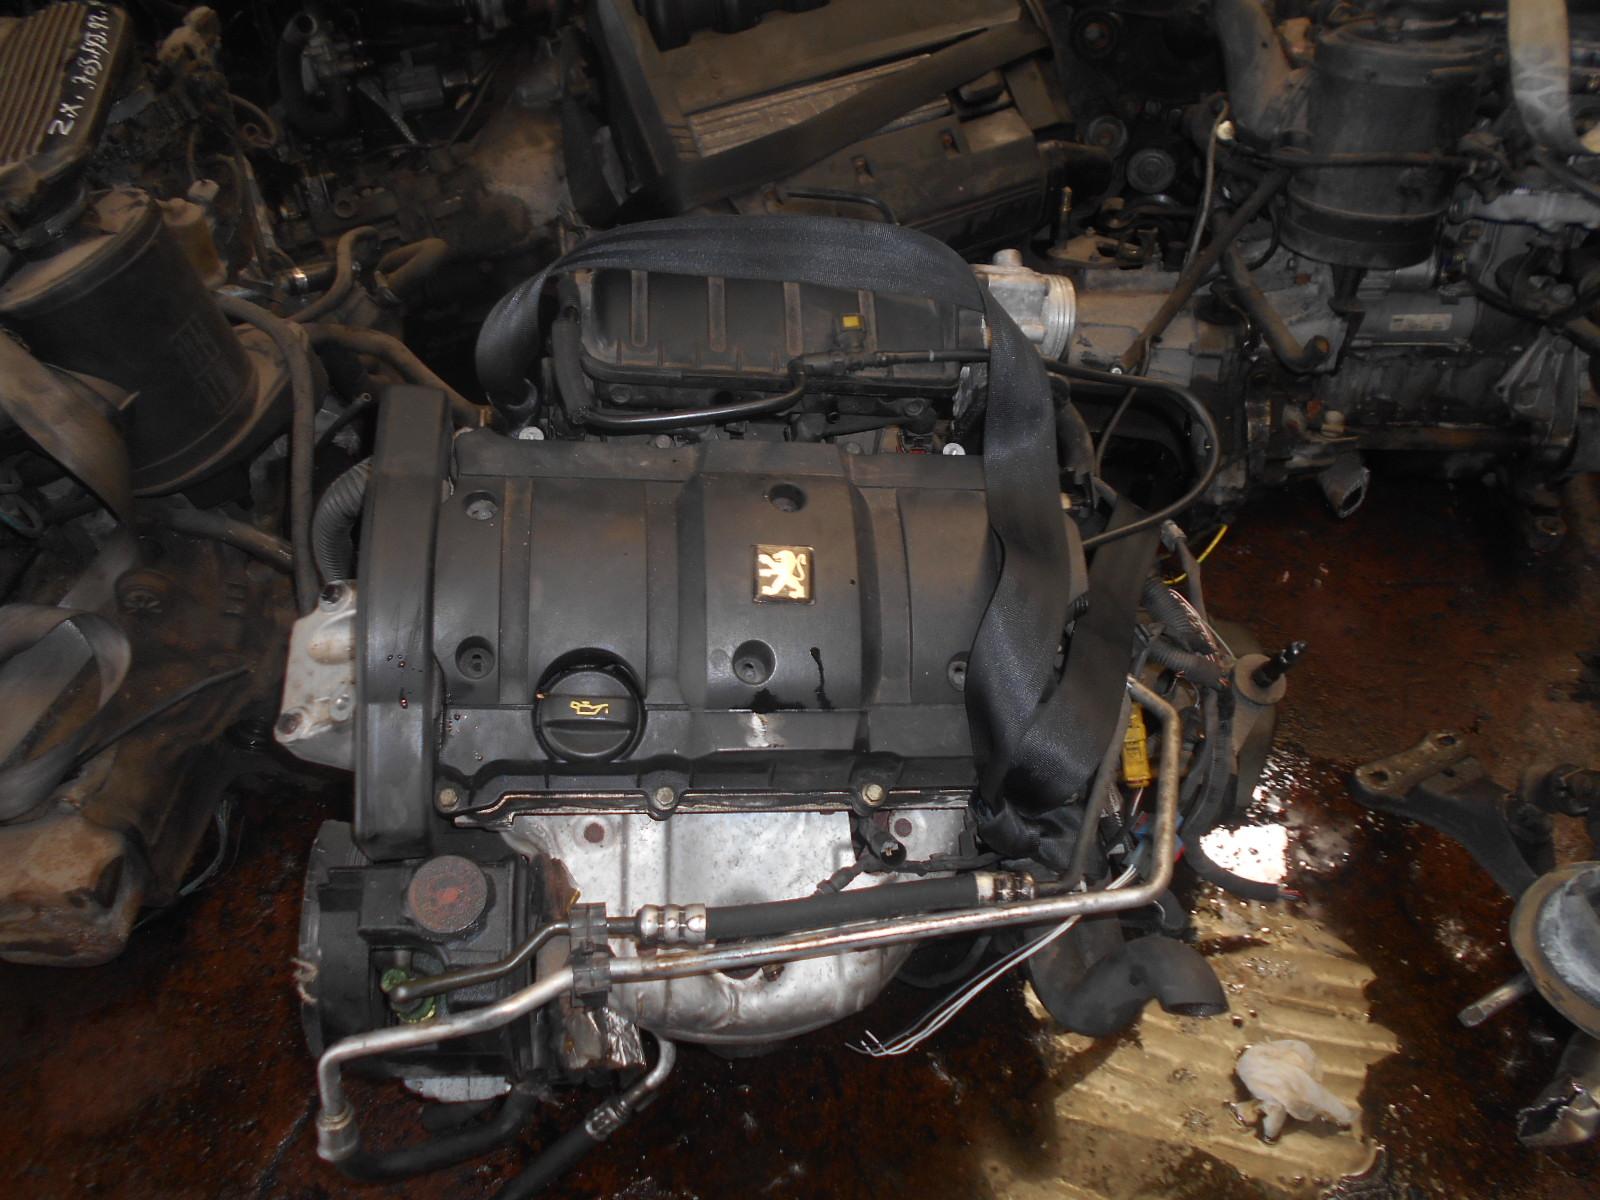 moteur diesel toutes marques 300 france europe automobiles casse auto. Black Bedroom Furniture Sets. Home Design Ideas